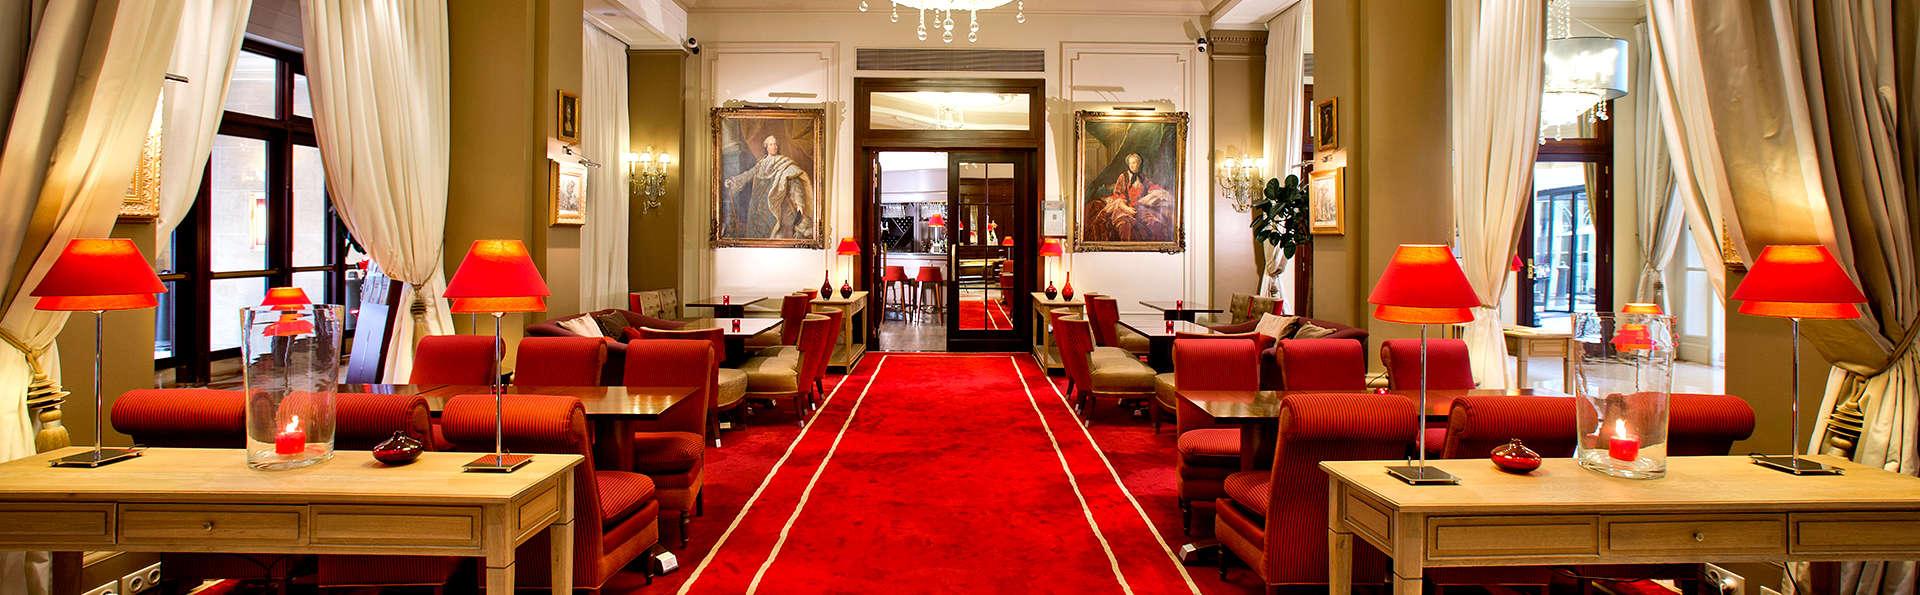 Luxe en chambre supérieure à deux pas des Champs-Elysées